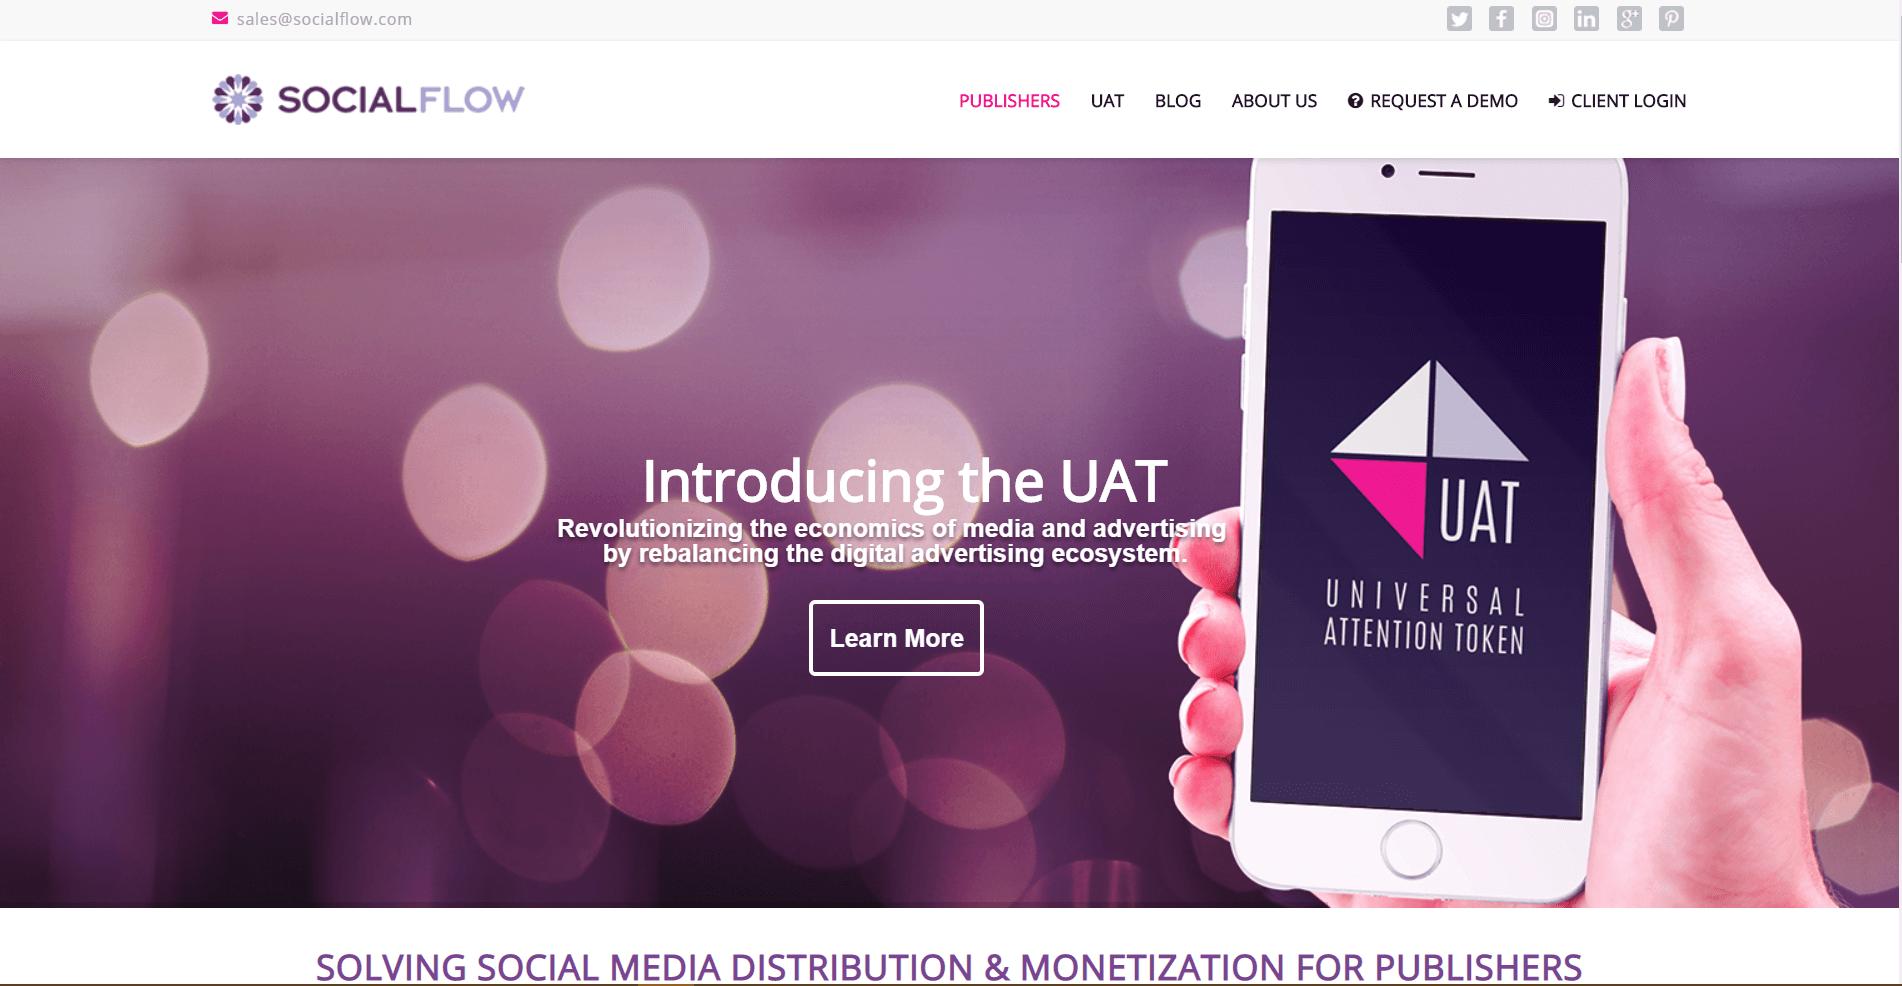 SocialFlow Social Media Marketing Tool